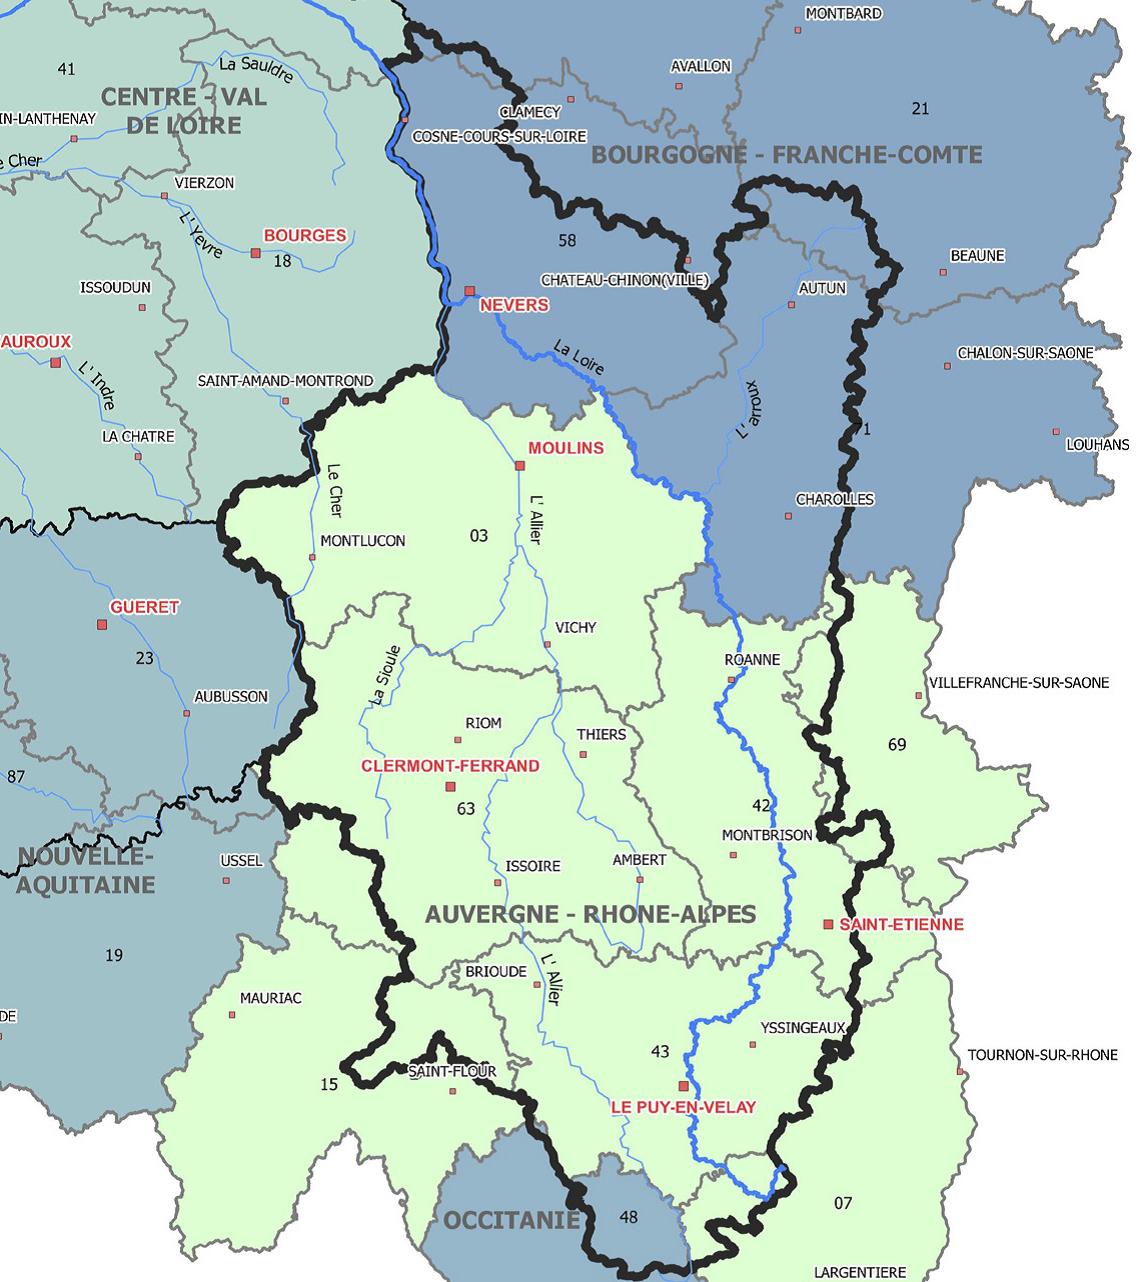 Le territoire de la délégation Allier-Loire Amont de l'Agence de l'eau Loire-Bretagne s'étend sur plusieurs départements aurhalpins, ainsi qu'en région Bourgogne-Franche-Comté et en Occitanie. ©Agence de l'eau Loire-Bretagne